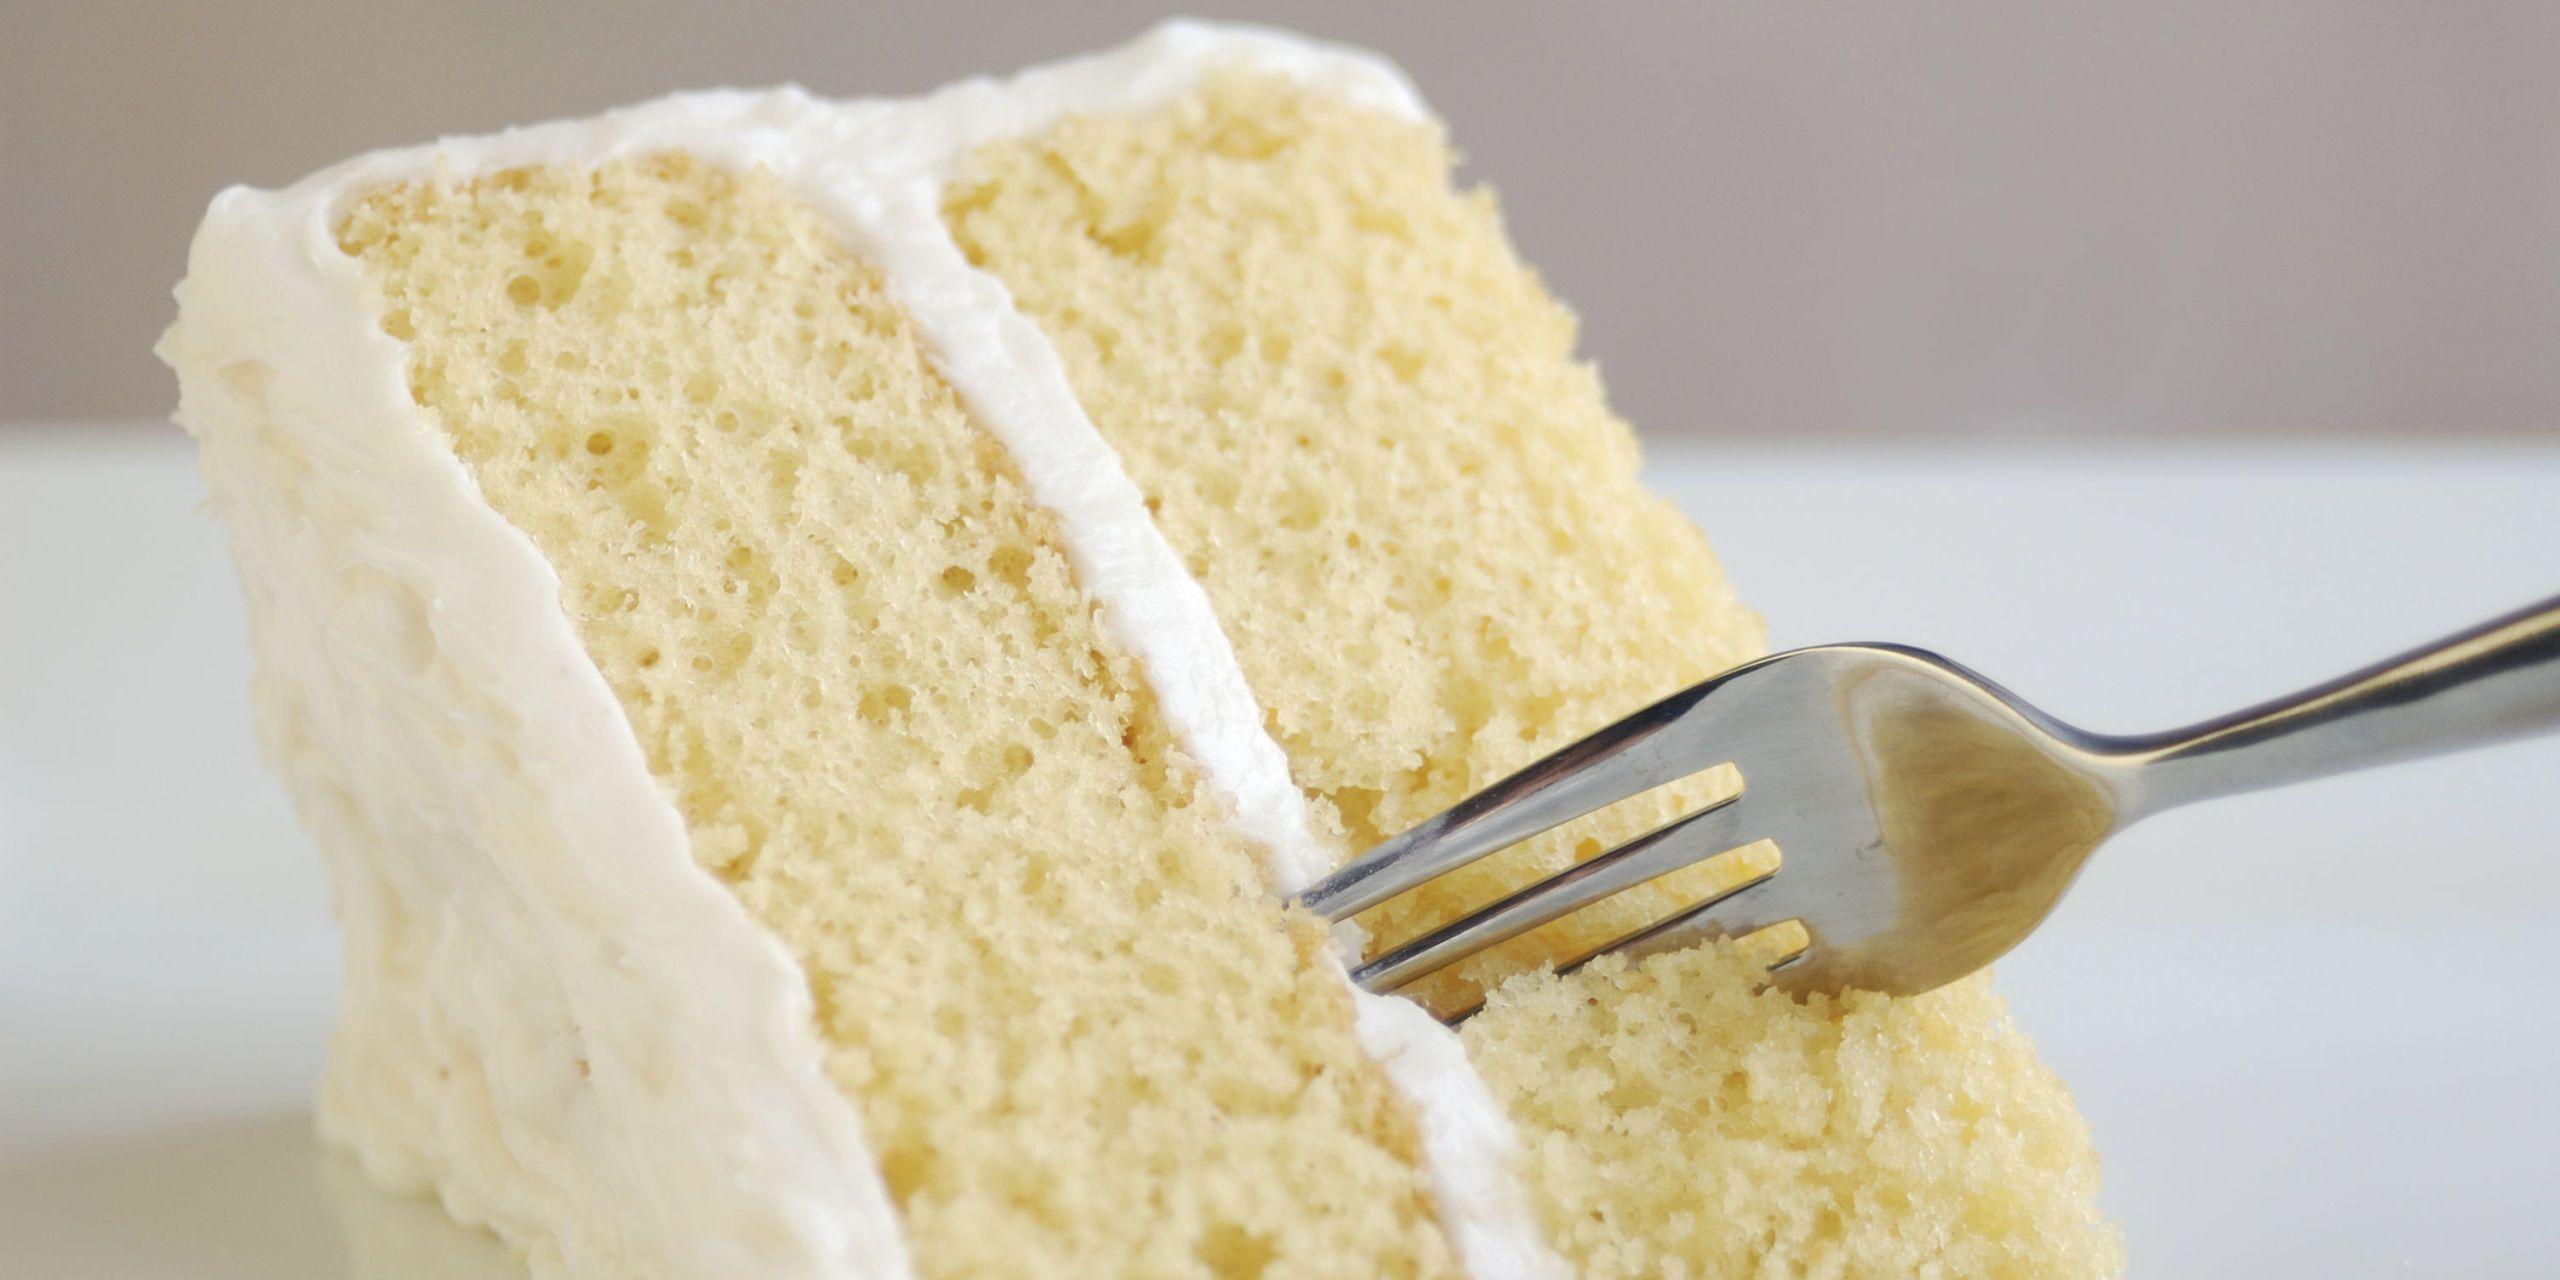 How to make a white cake mix chocolate